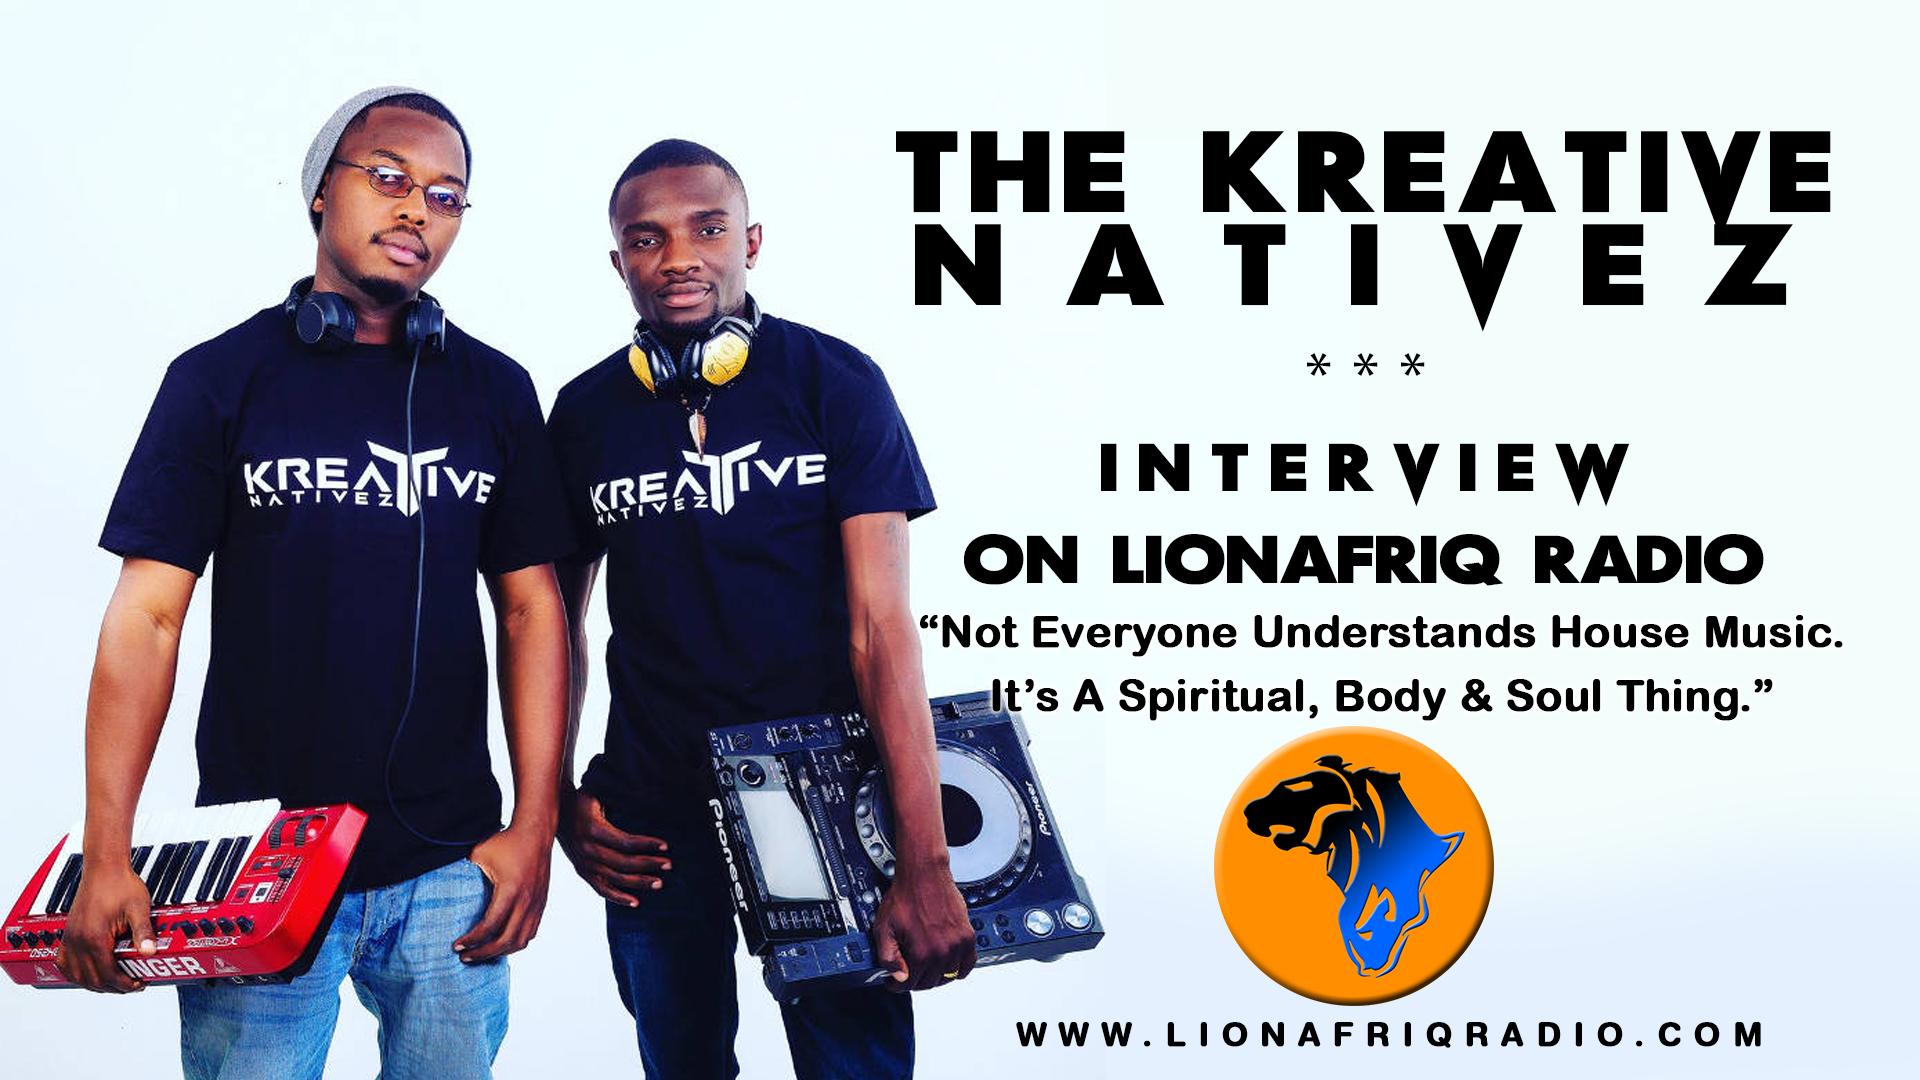 Meet The Kreative Nativez (Interview)